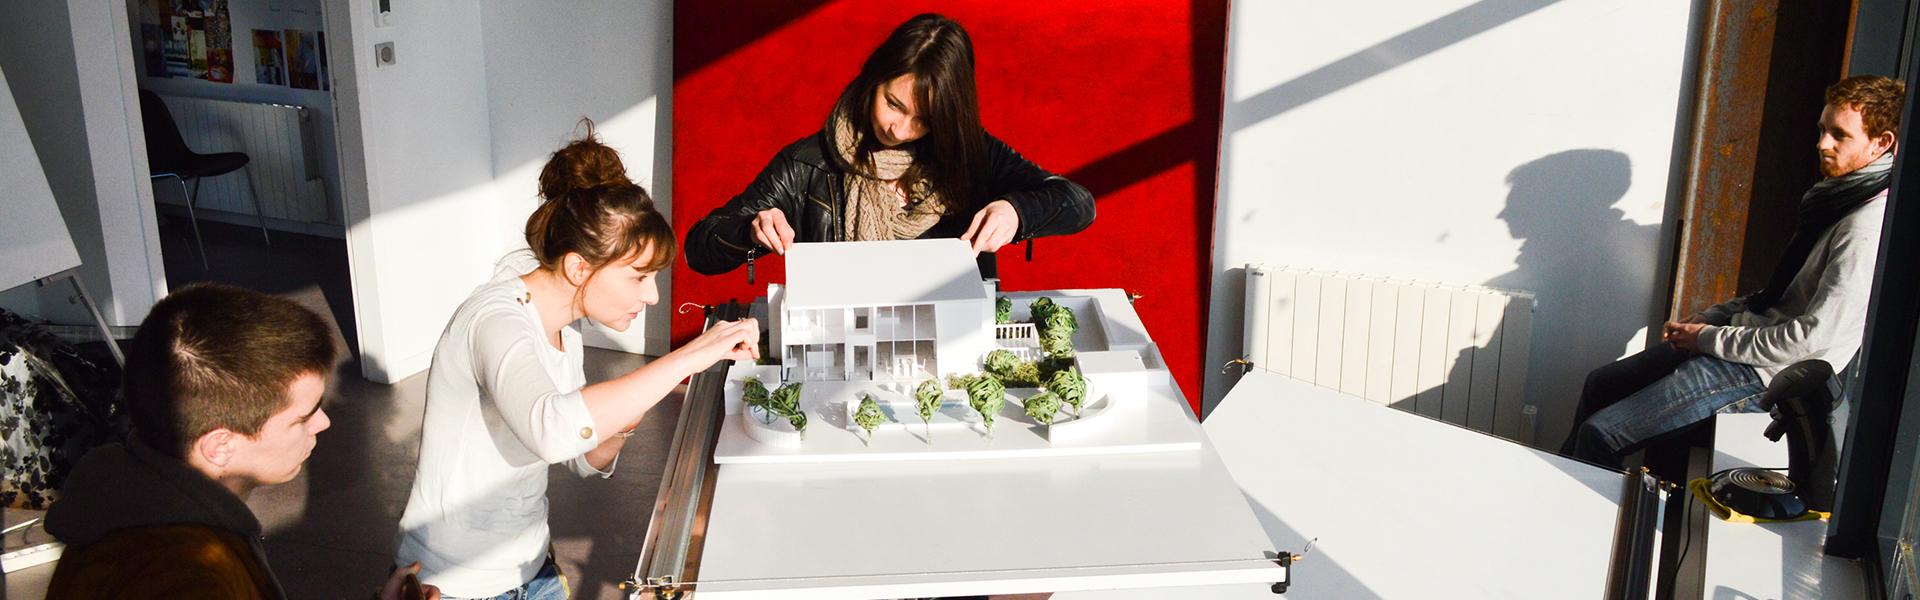 Ifat ecole architecture int rieure vannes morbihan bretagne for Cours de design interieur